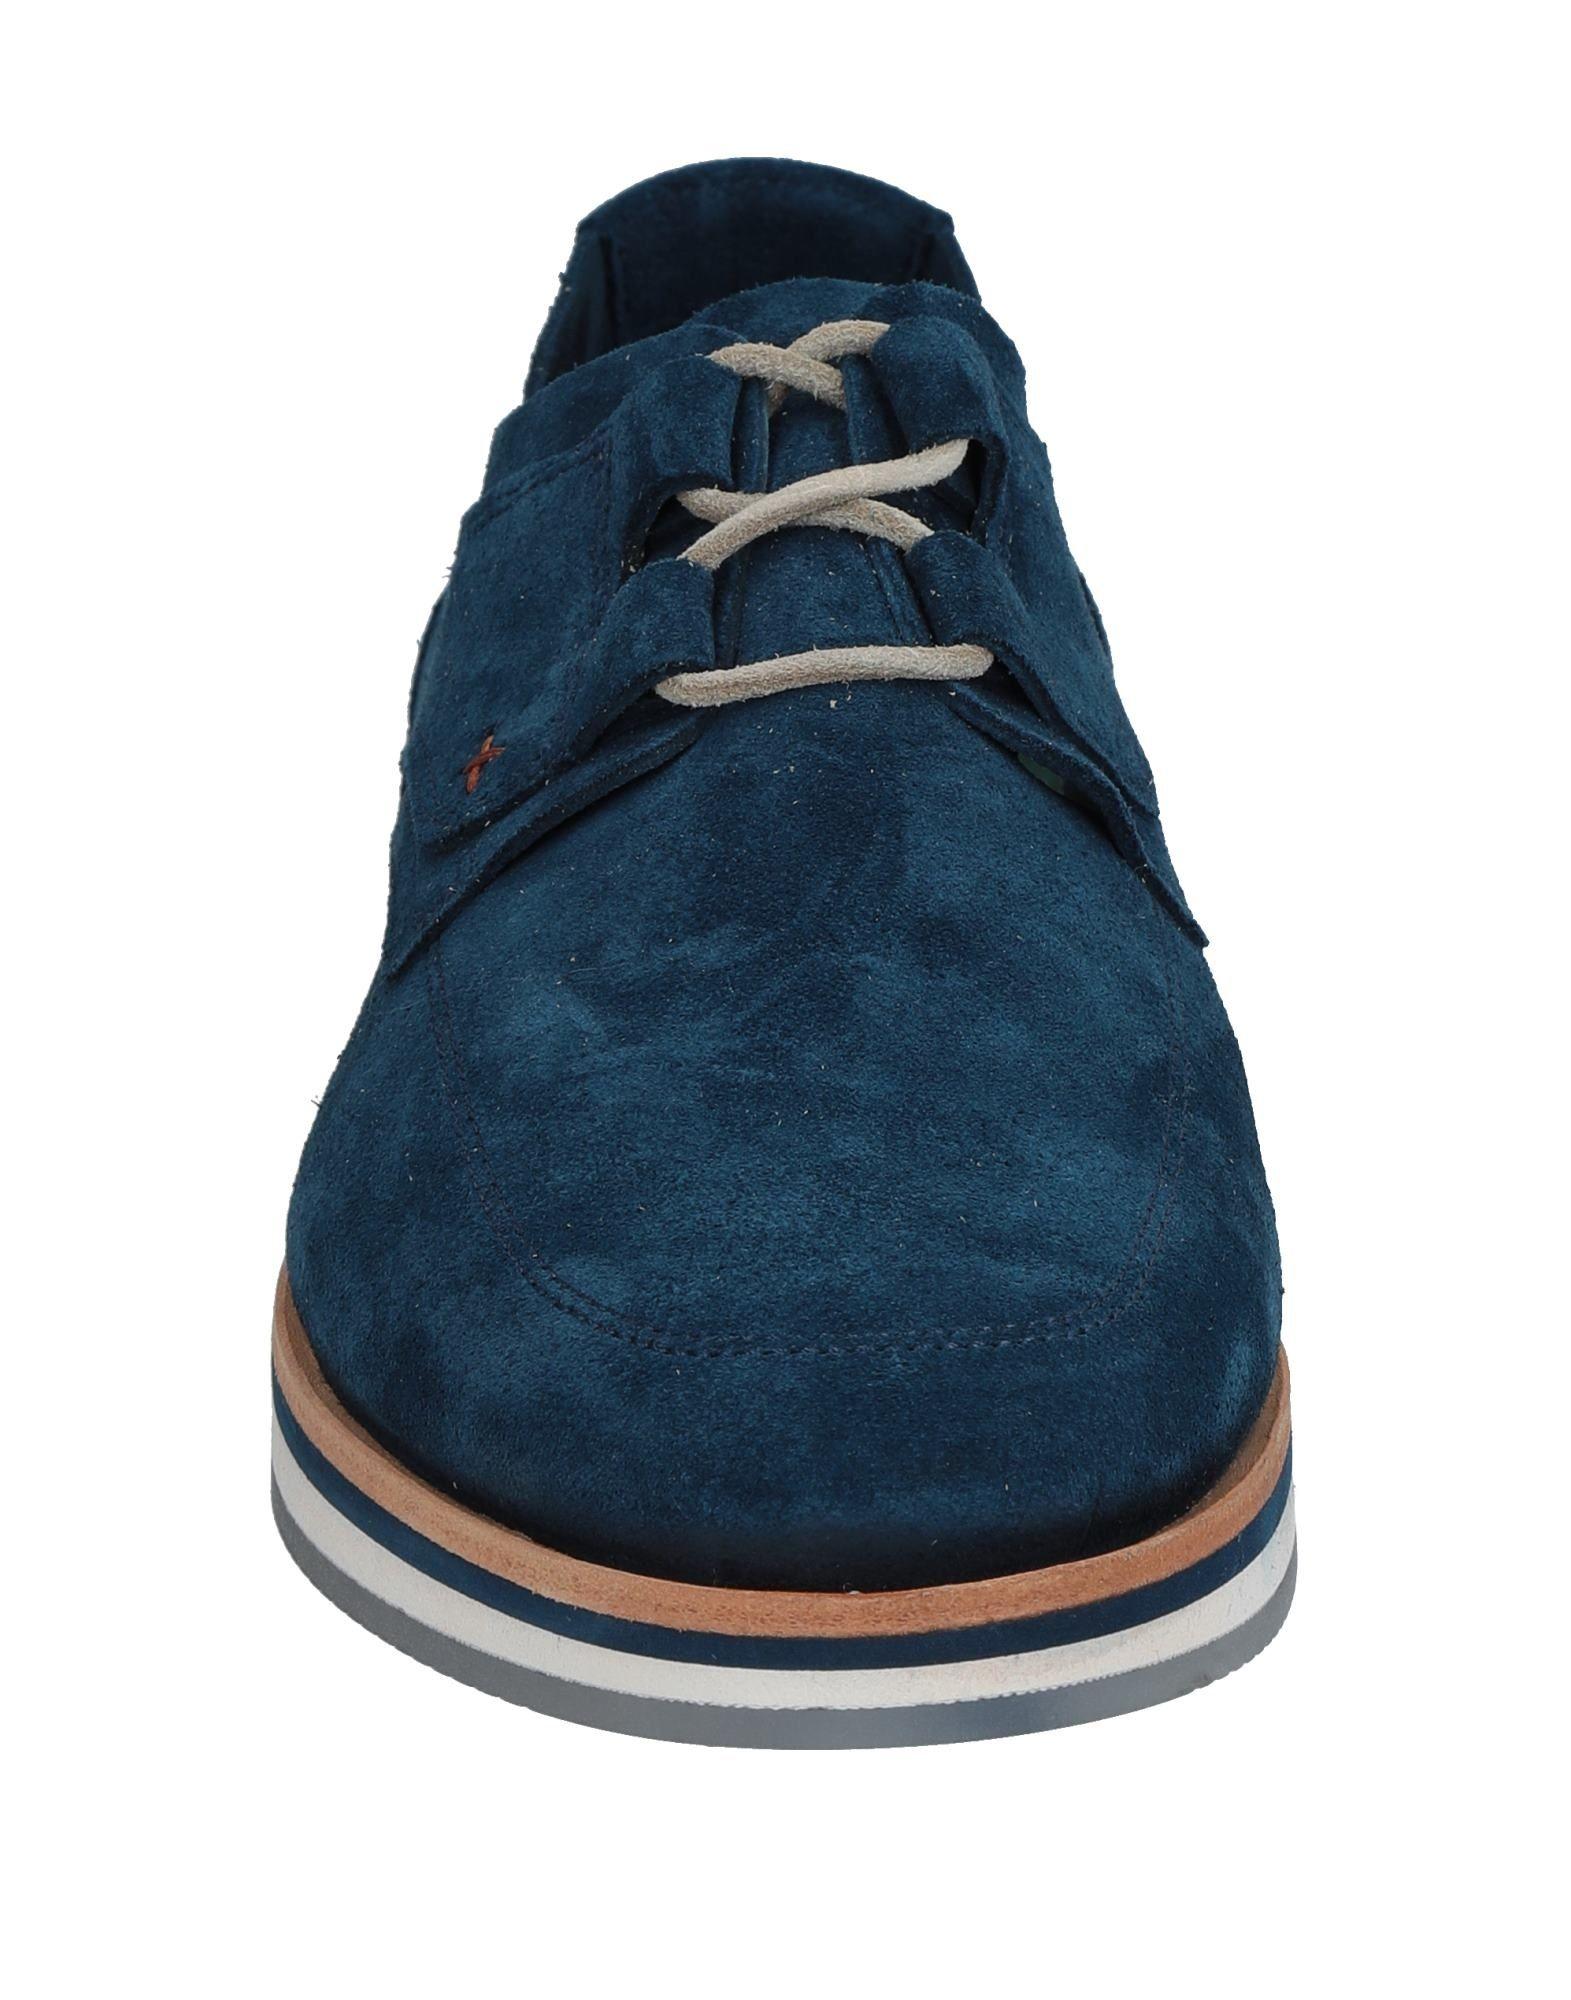 Exceed Schnürschuhe Herren  11521630IS Gute Qualität beliebte Schuhe